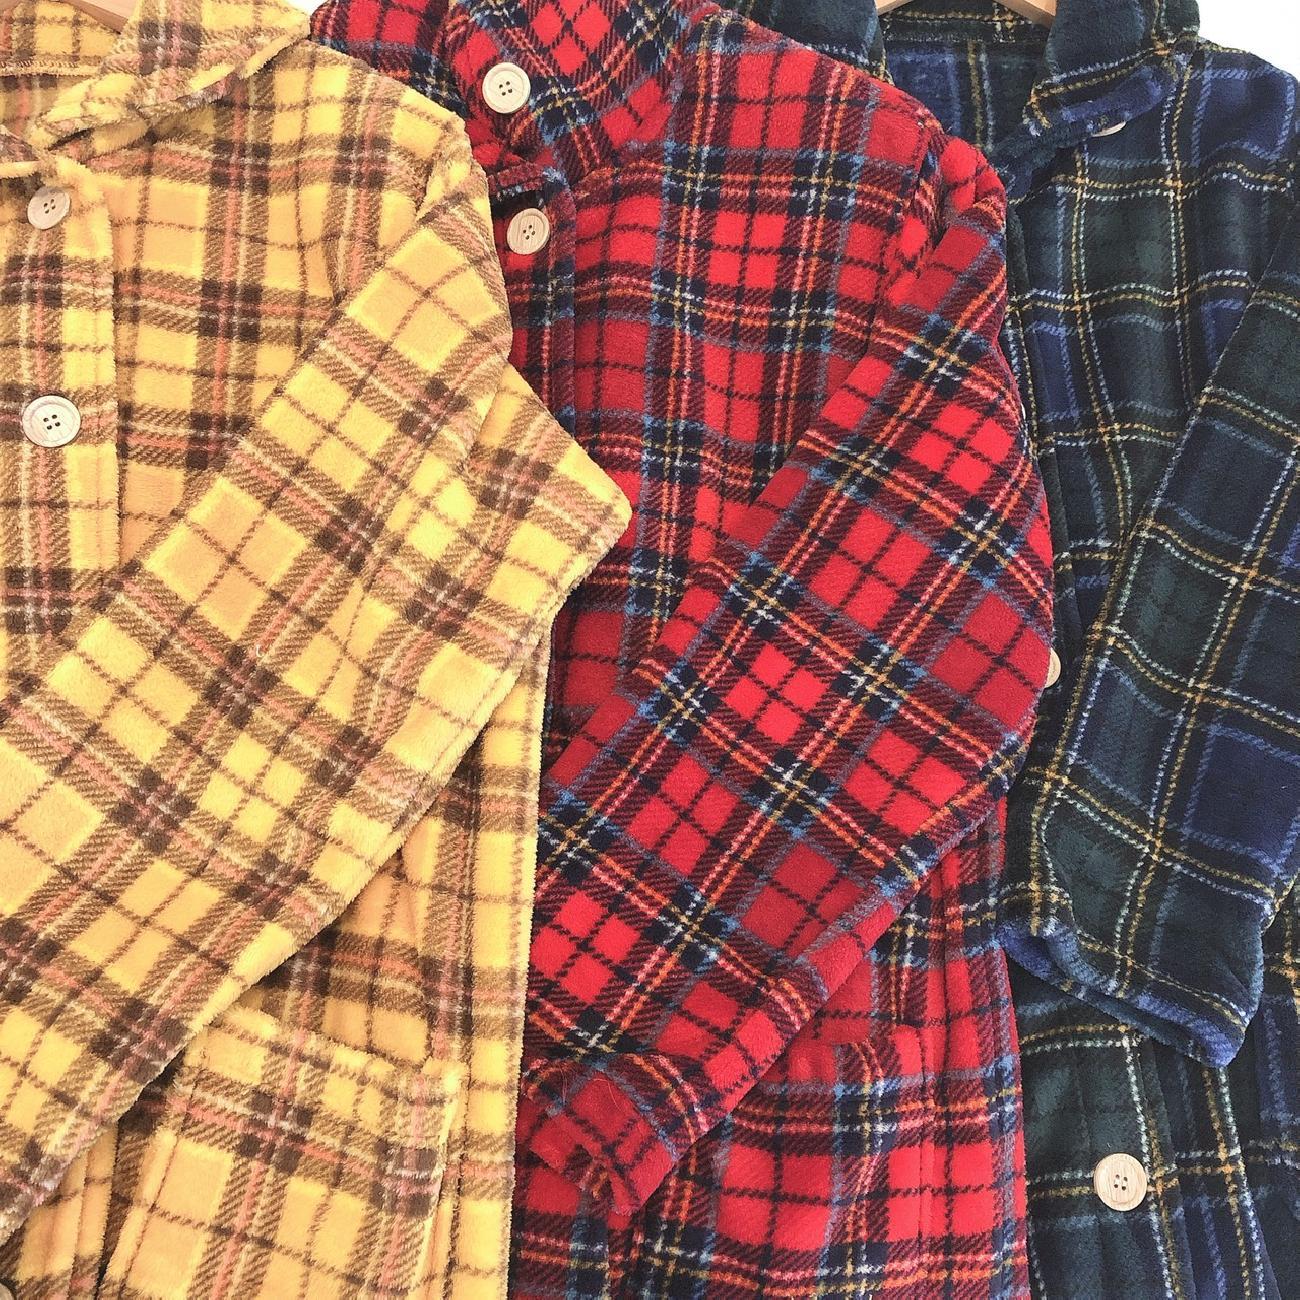 ルームウェア/着る毛布/部屋着/パジャマ/あったか/防寒/寒さ対策